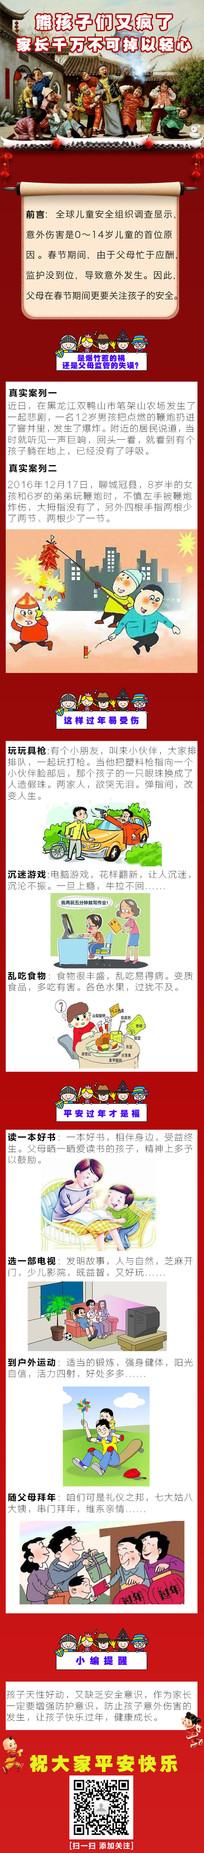 儿童教育公众号图文